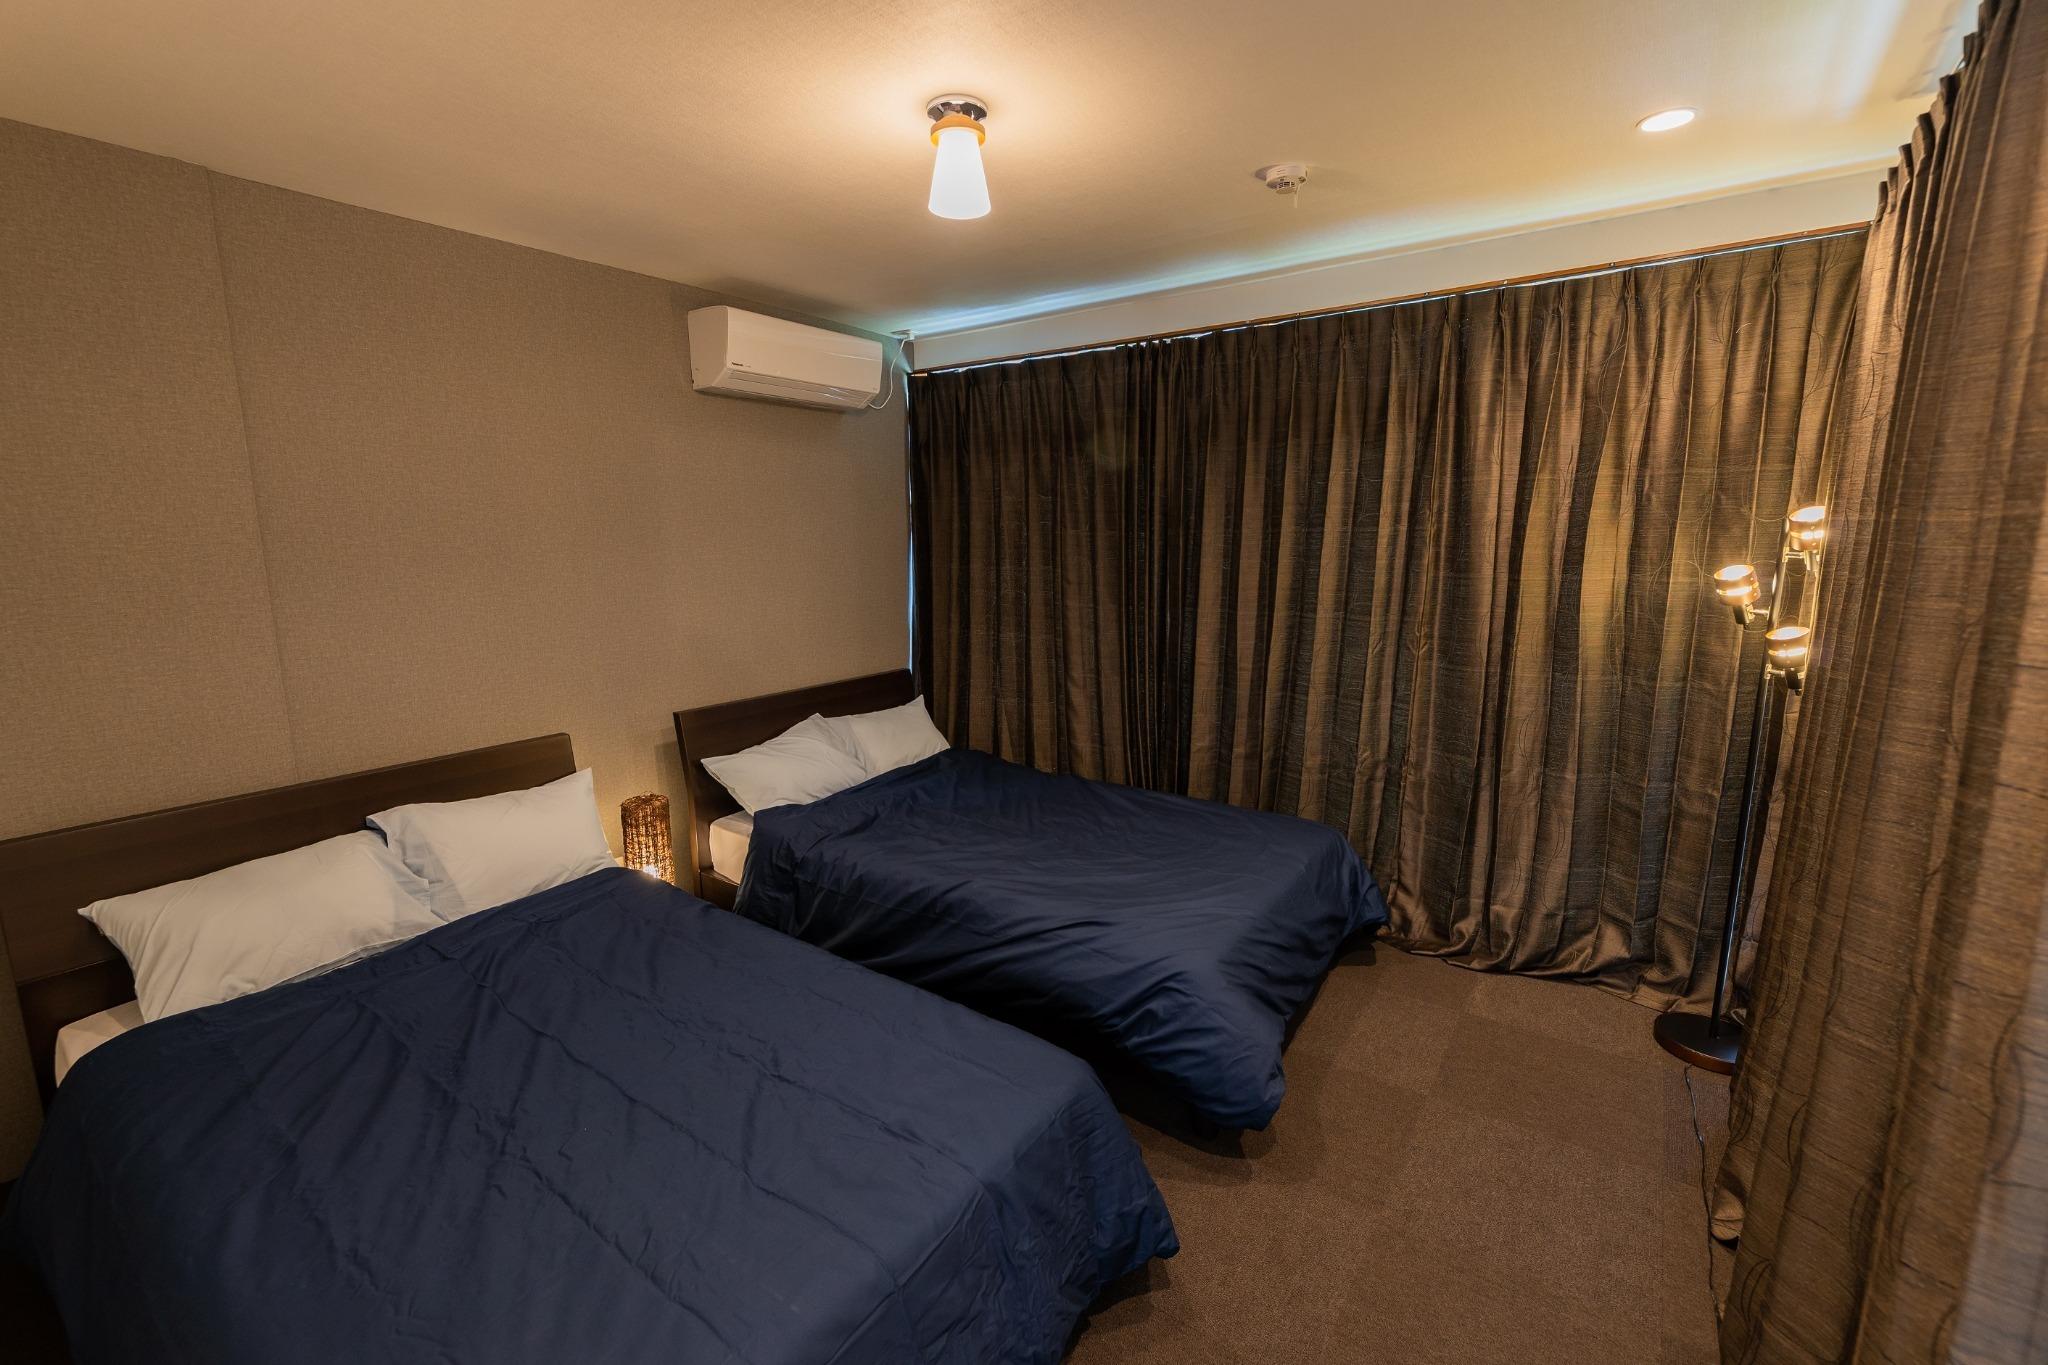 寝室2 セミダブルベット×2